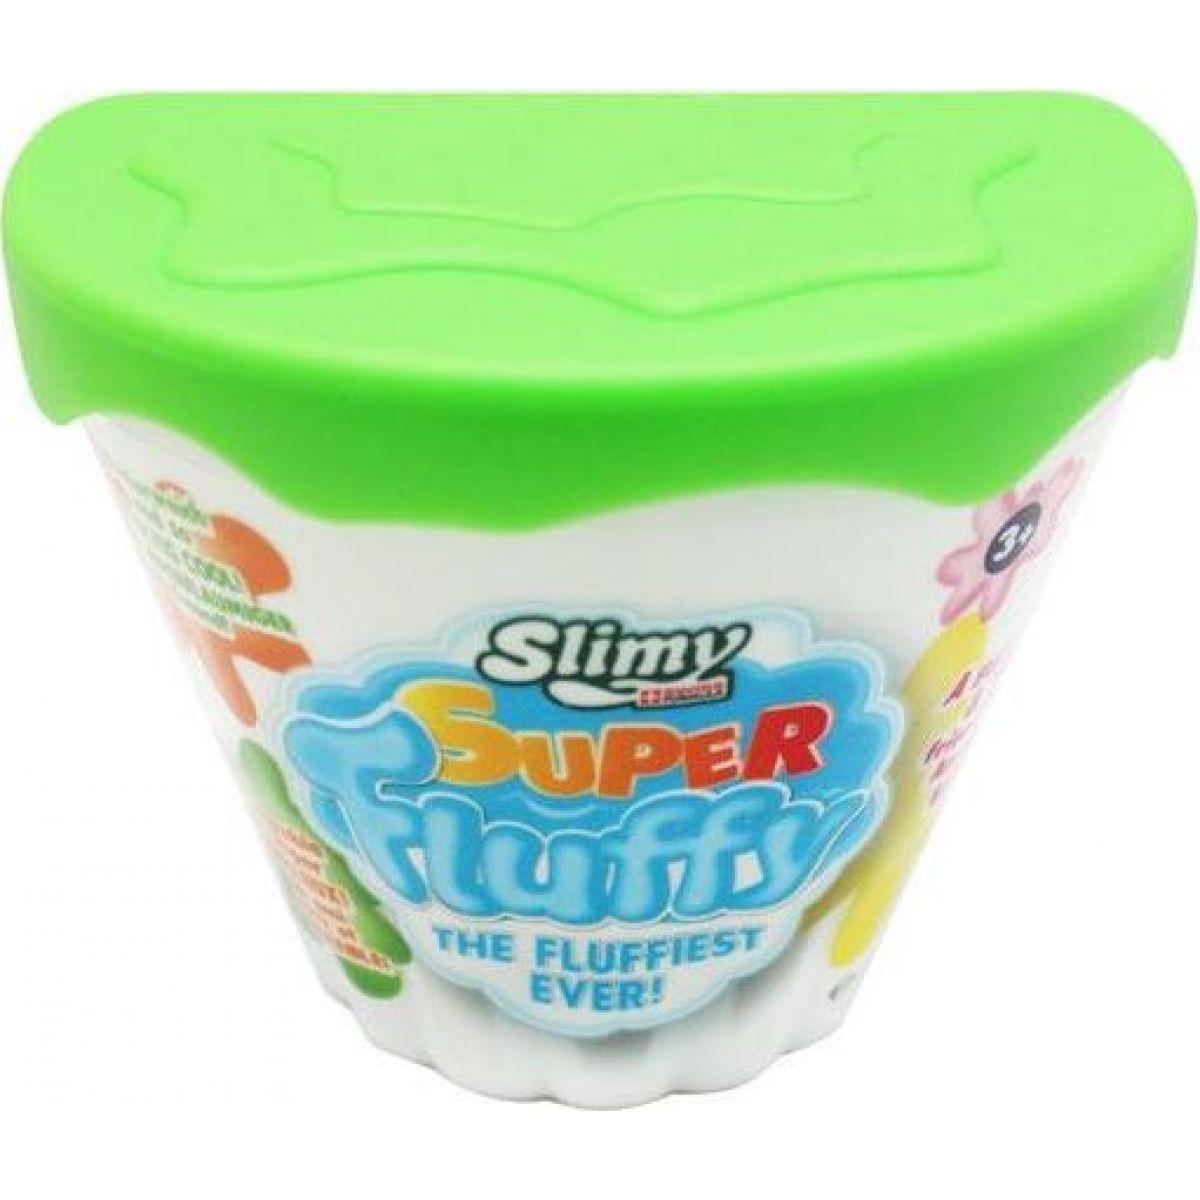 Slimy super mäkký sliz 100g zelený